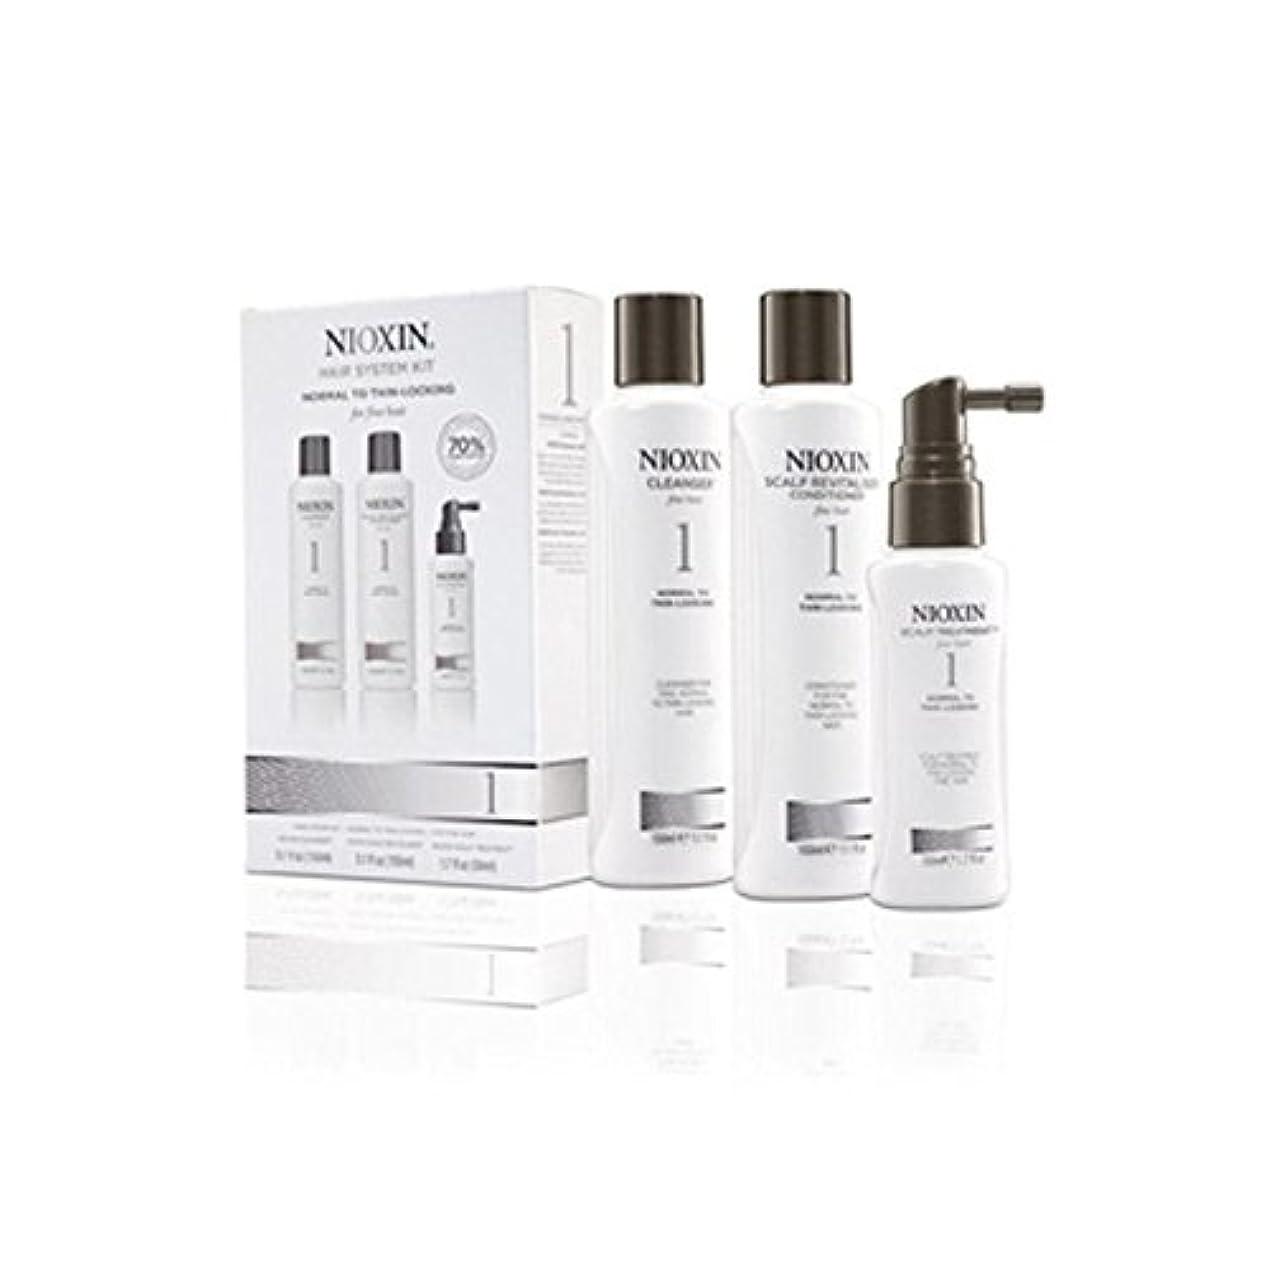 蒸し器放課後受けるNioxin Hair System Kit 1 For Normal To Fine Natural Hair (3 Products) - 細かい自然な髪への通常のためニオキシンヘアシステムキット1(3製品) [並行輸入品]